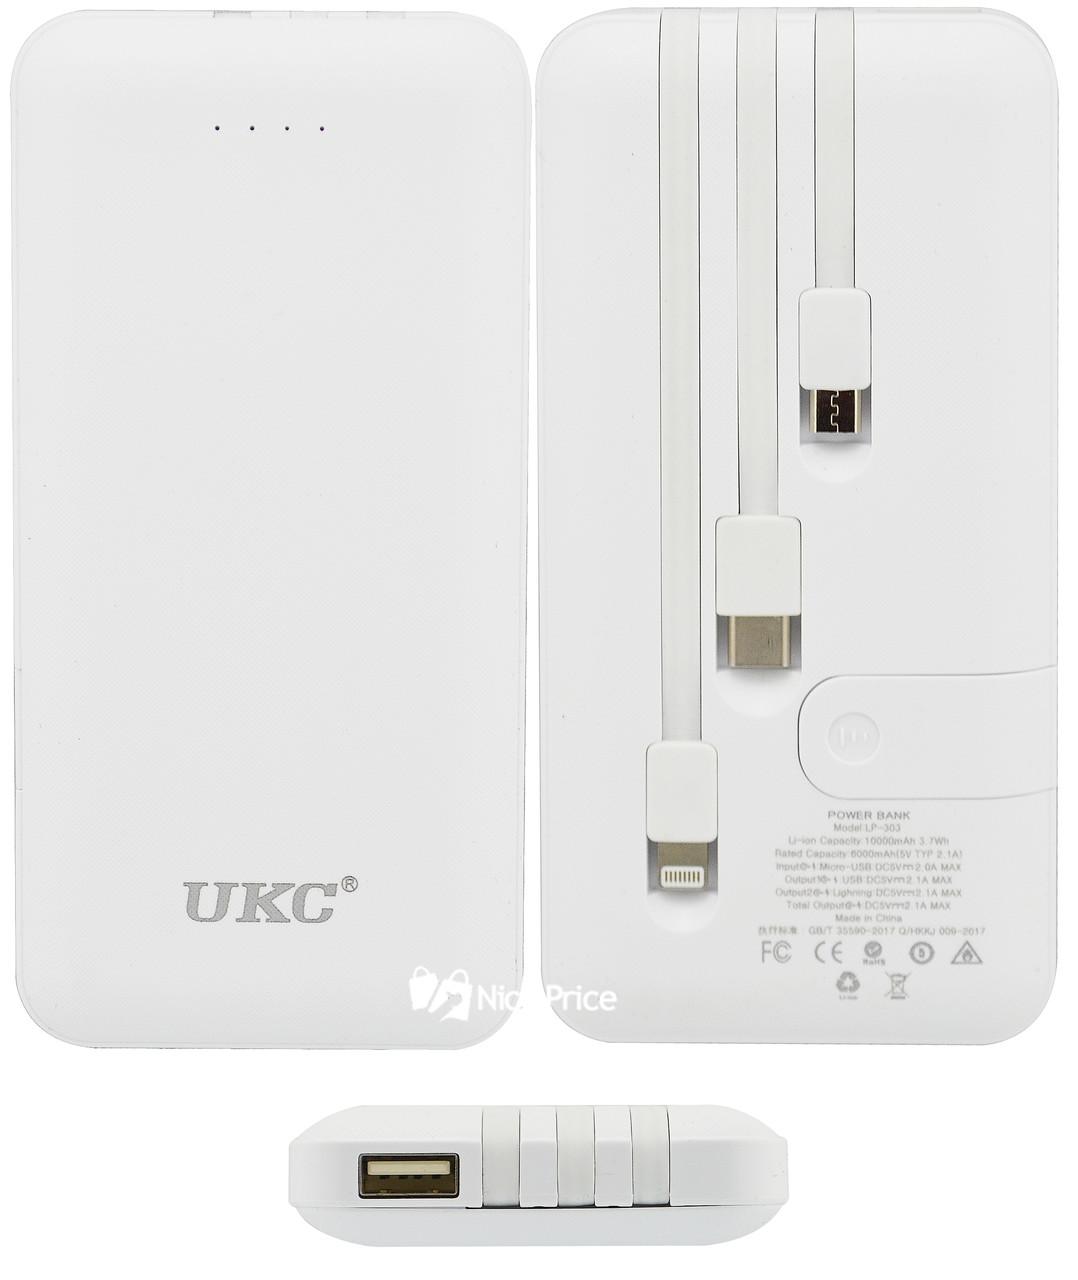 Внешний аккумулятор UKC LP303 10000 mAh + переходники White (6929)